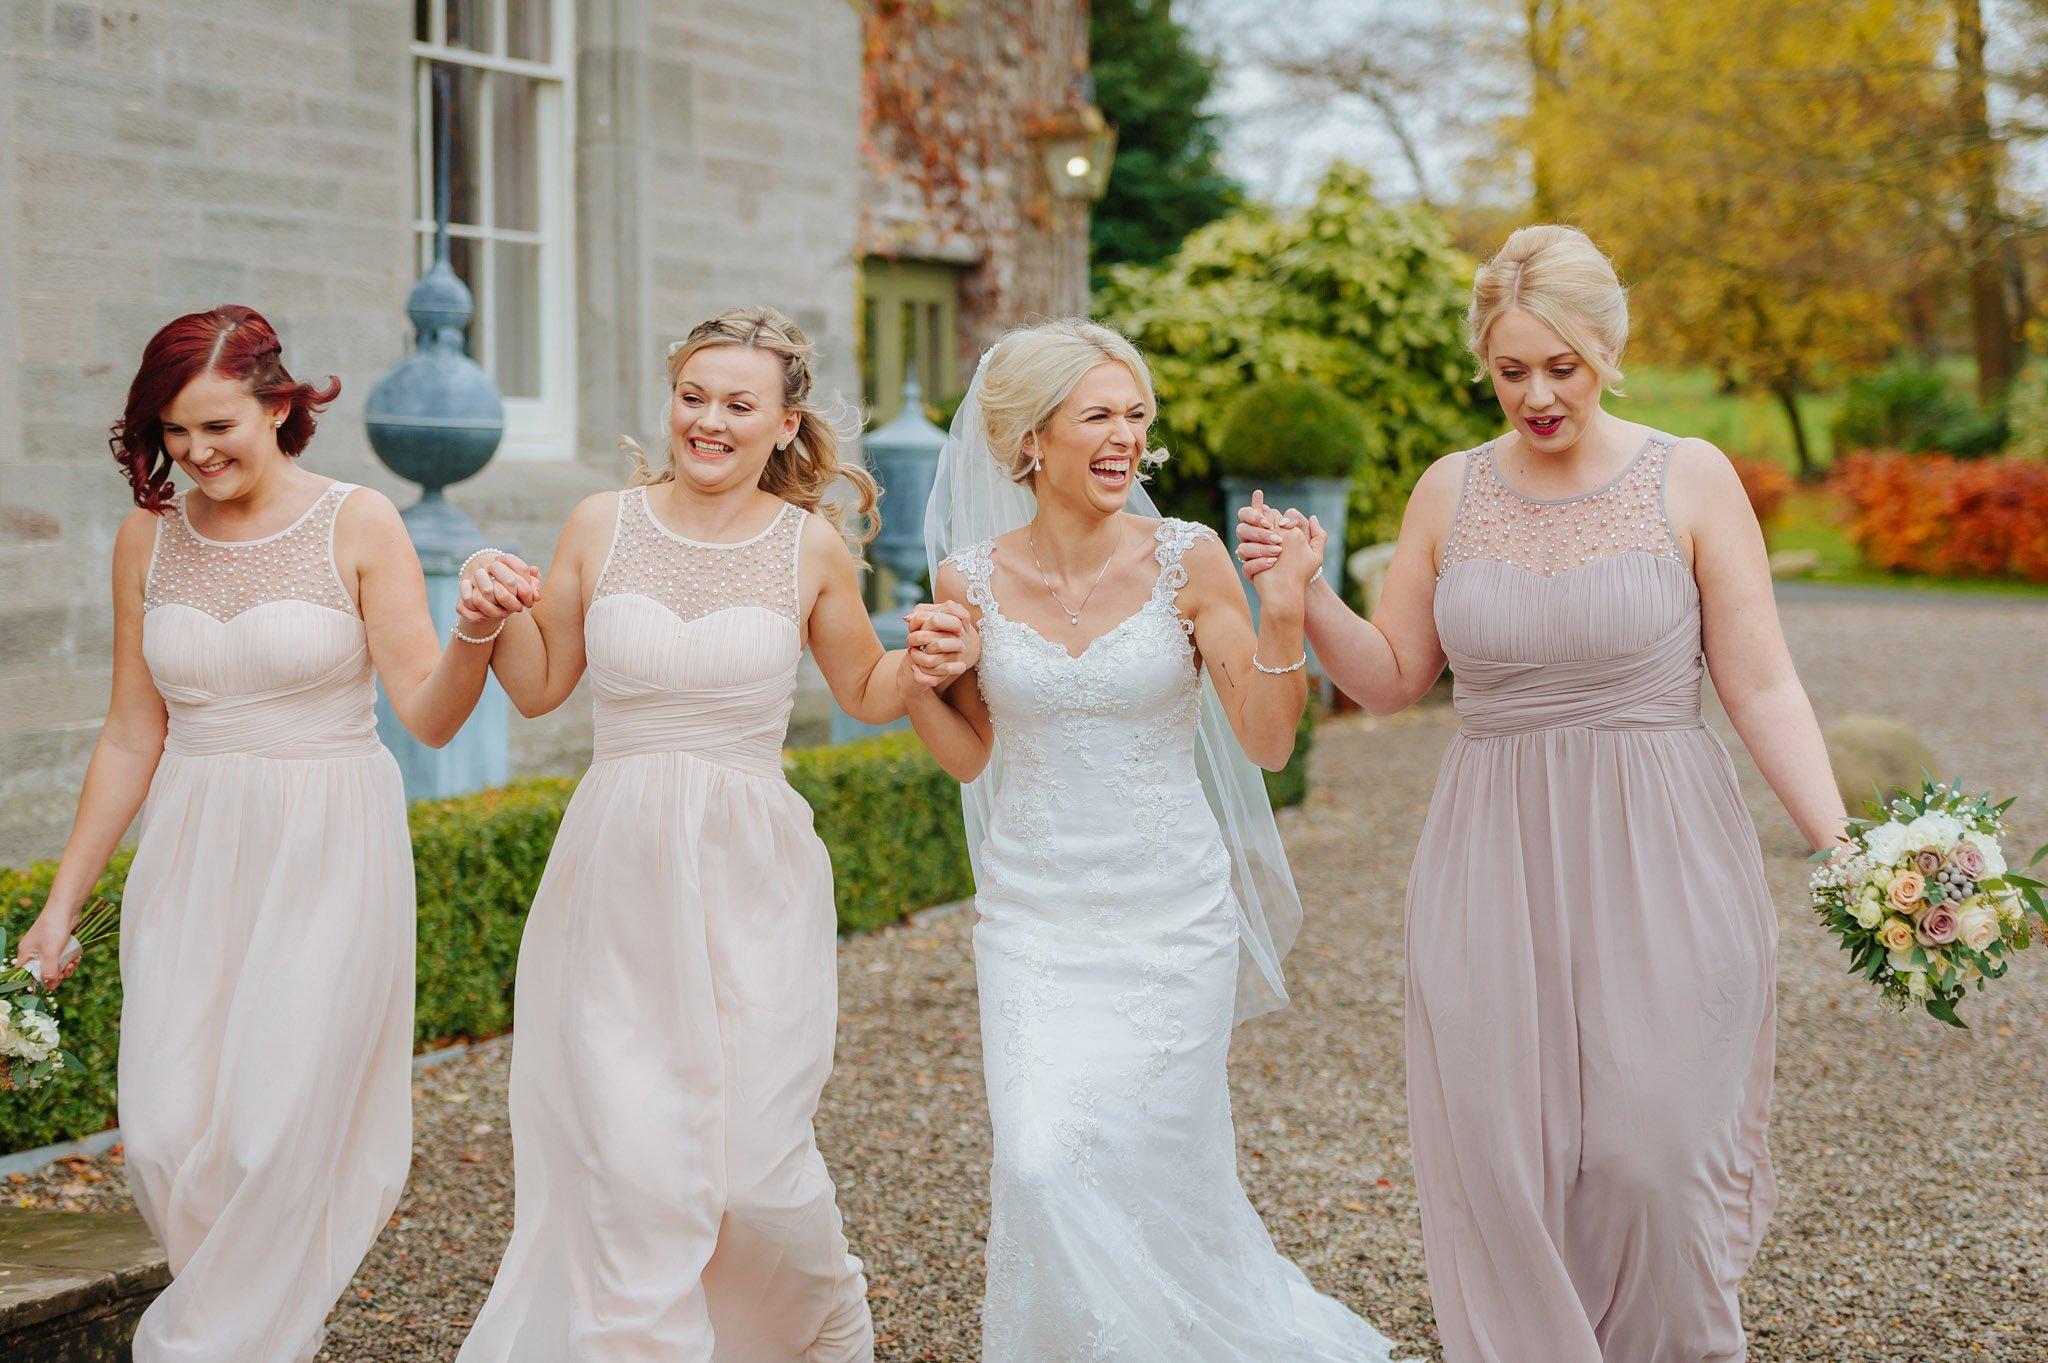 Lemore Manor wedding, Herefordshire - West Midlands | Sadie + Ken 60